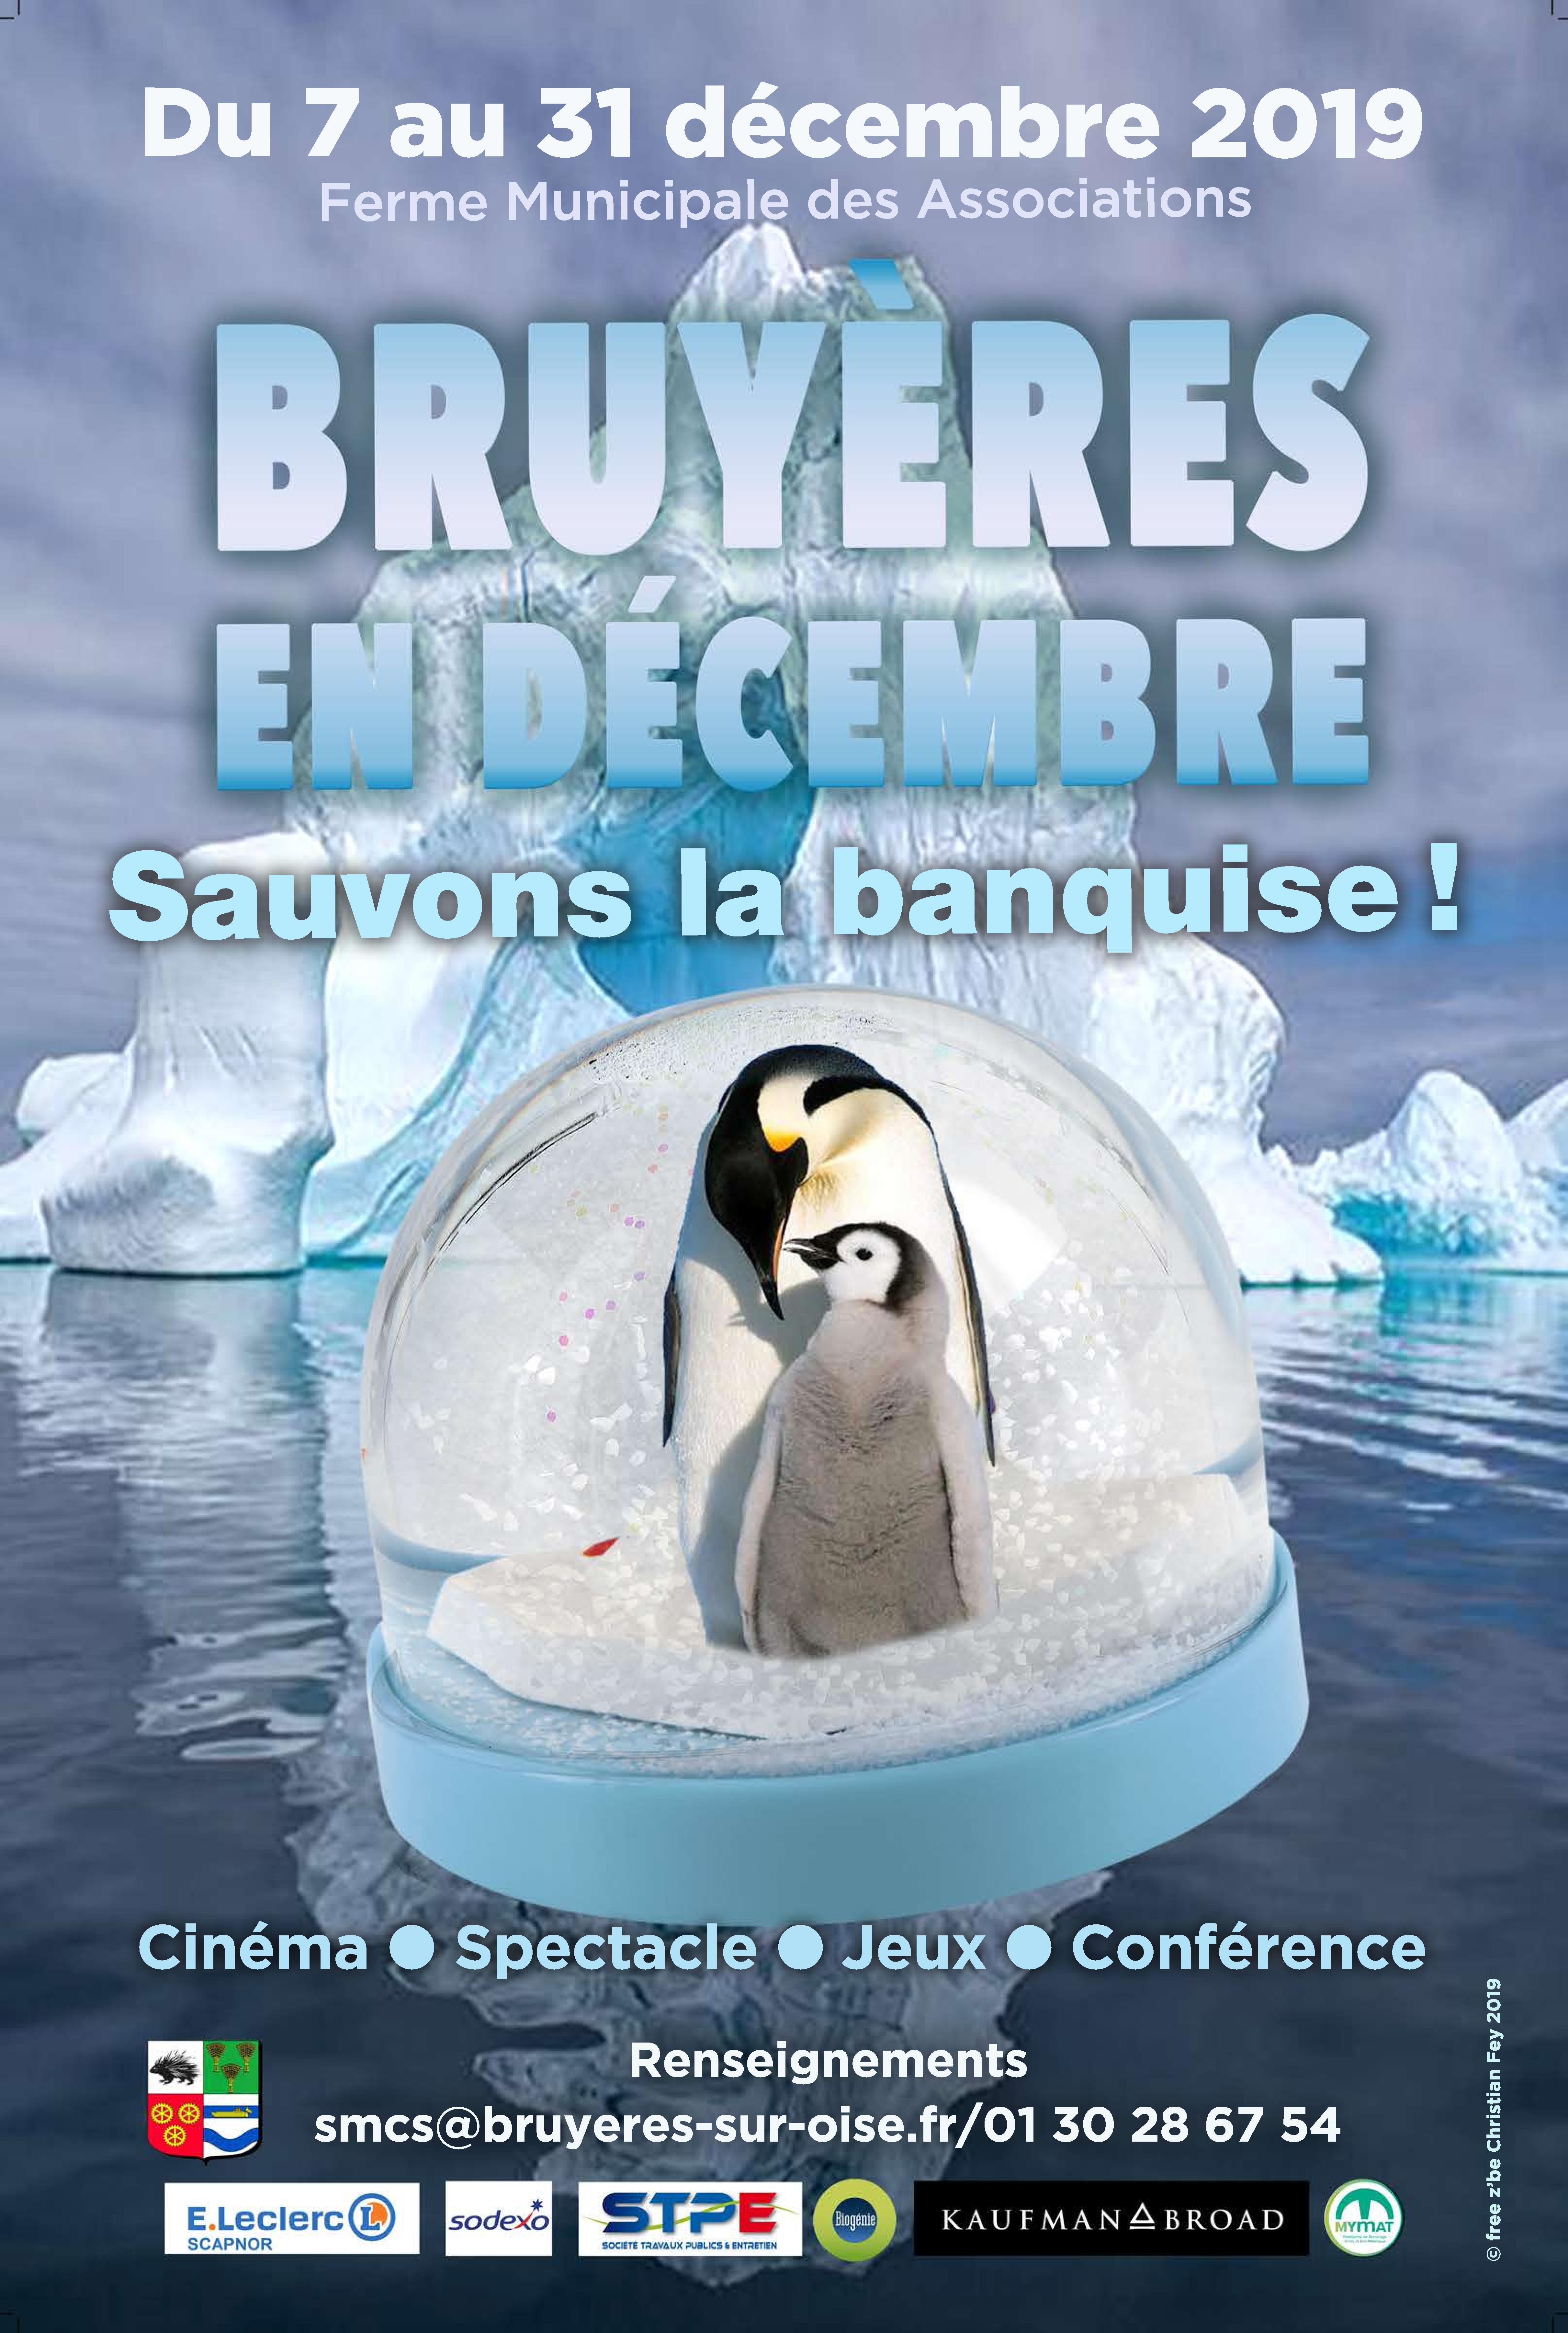 Bruyeres-Noel-2019-1-affiche-page-001